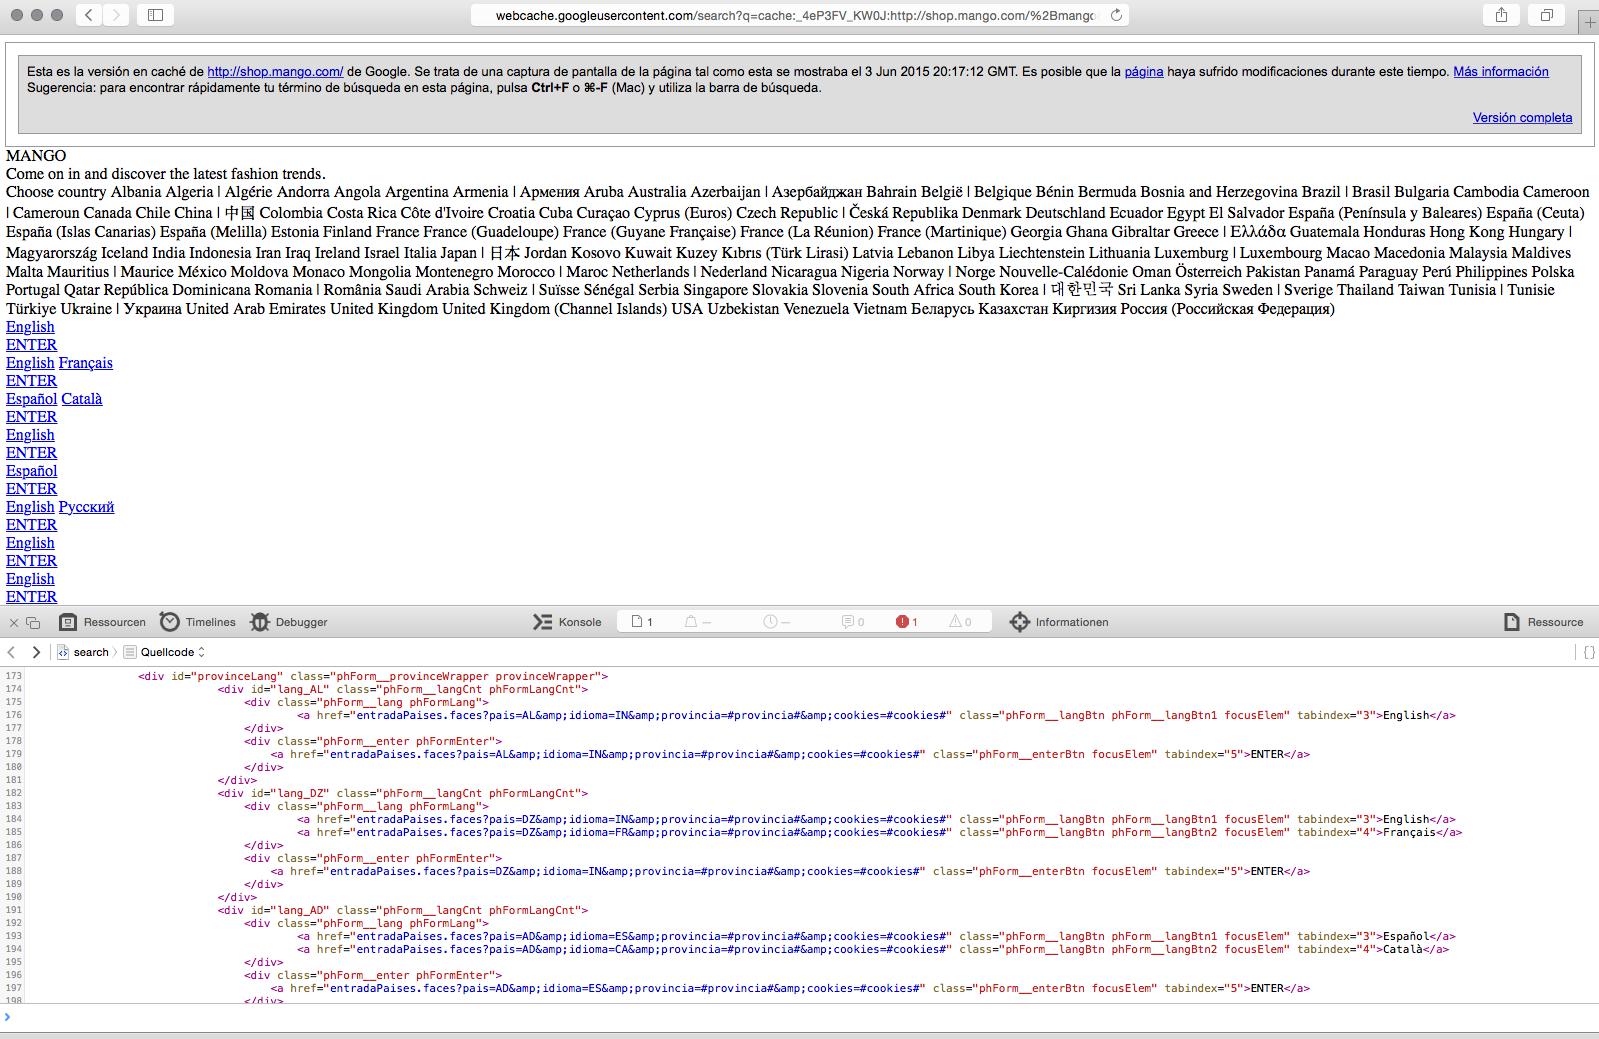 Enlaces de Mango en el Cache de Google a día 03.06.2015